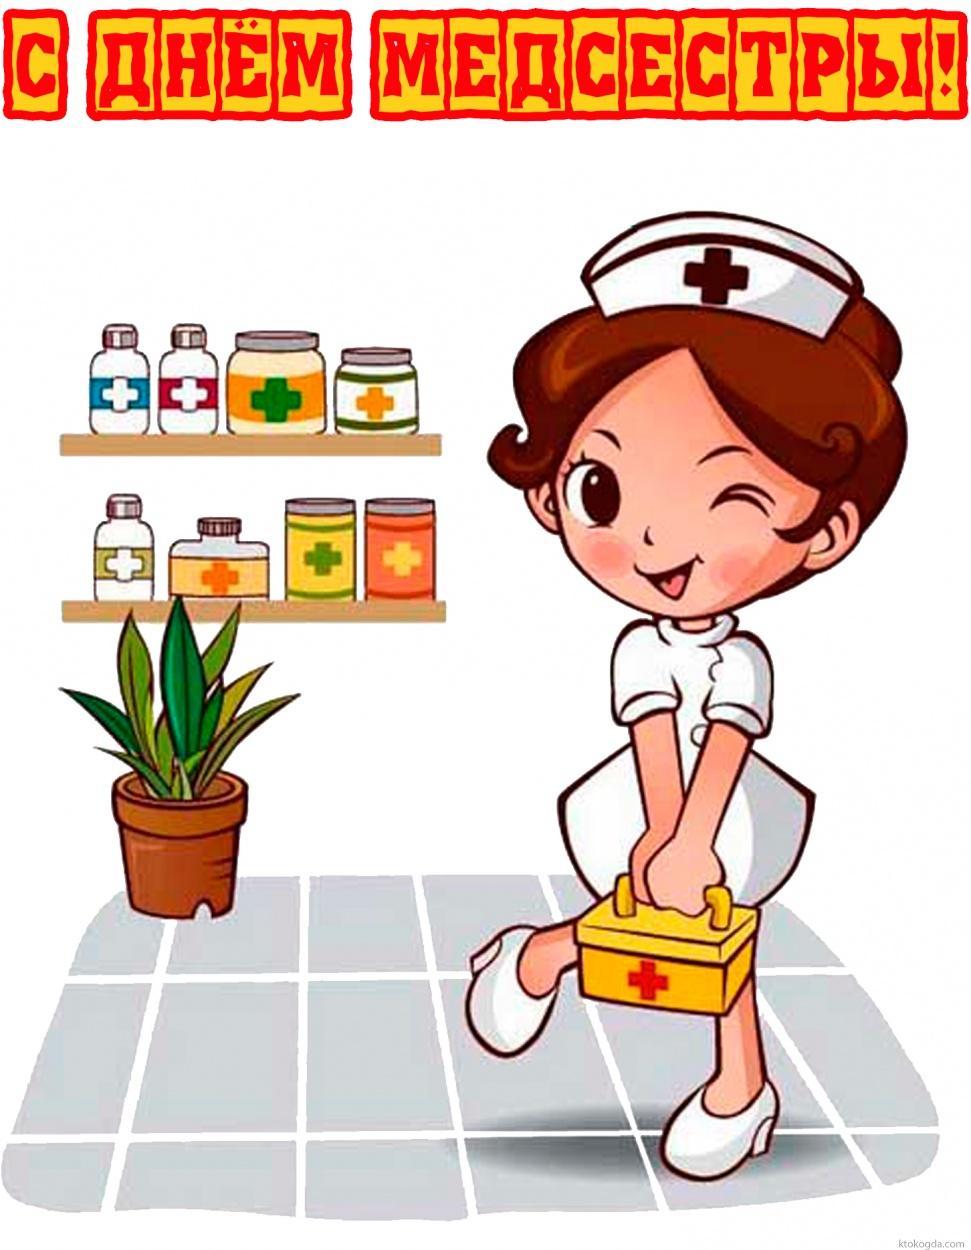 Открытки с днем медицинской сестры 12 мая. Поздравляем с профессиональным праздником